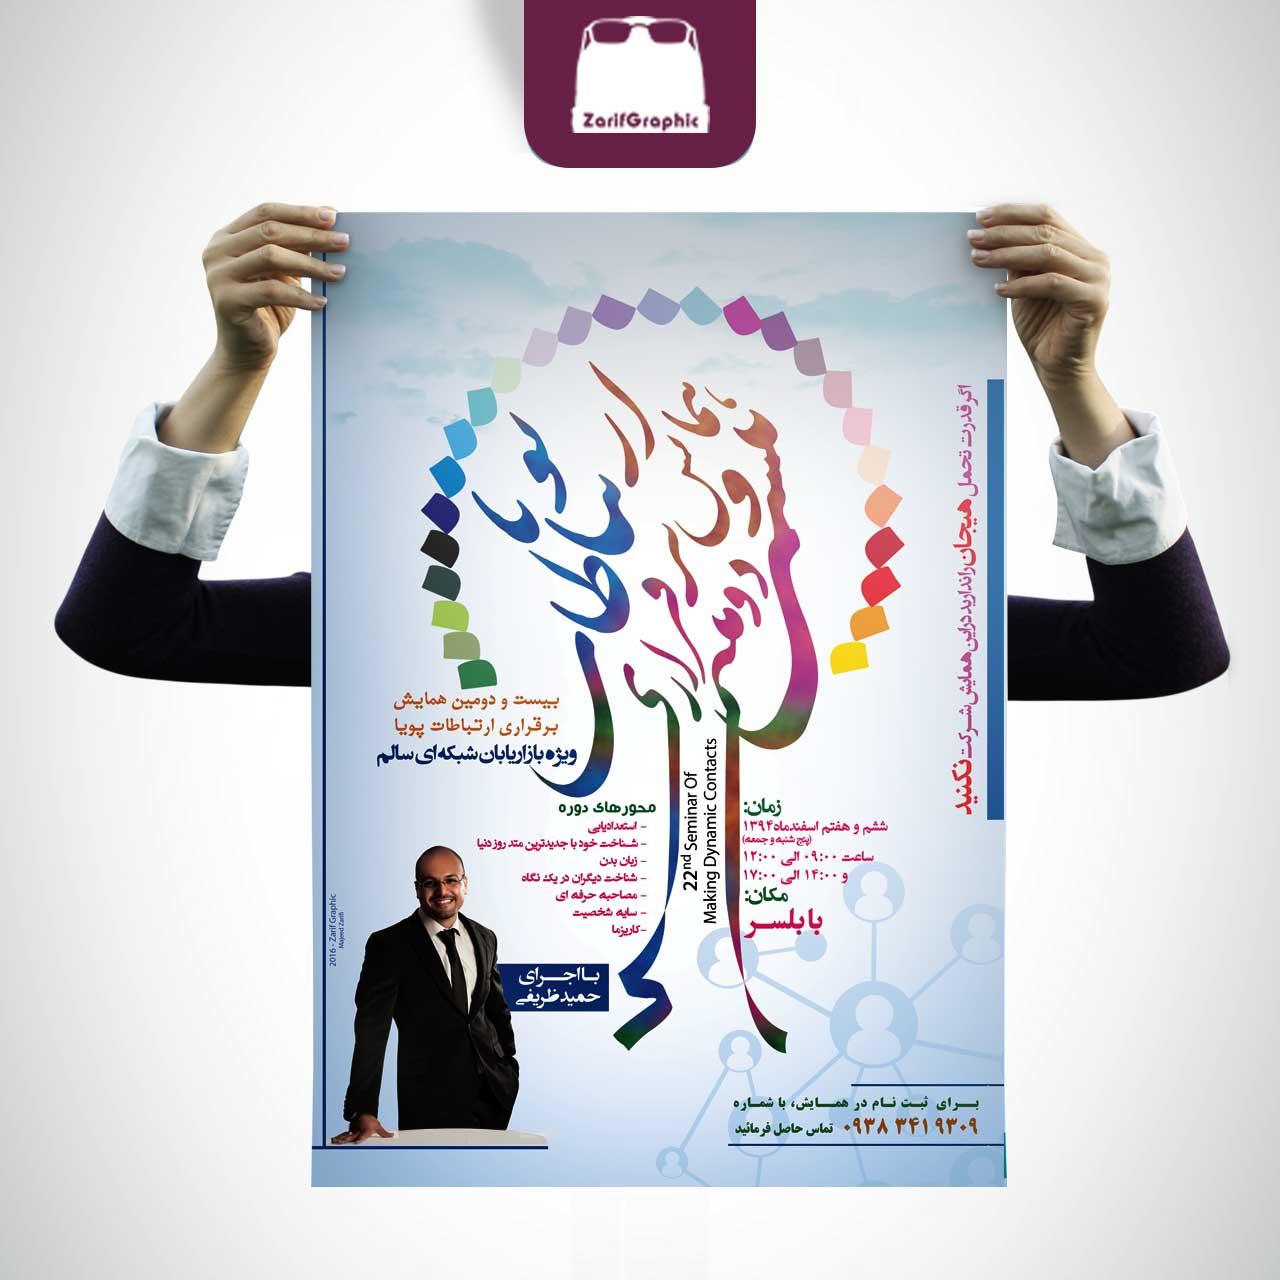 طراحی پوستر تبلیغاتی خلاقانه